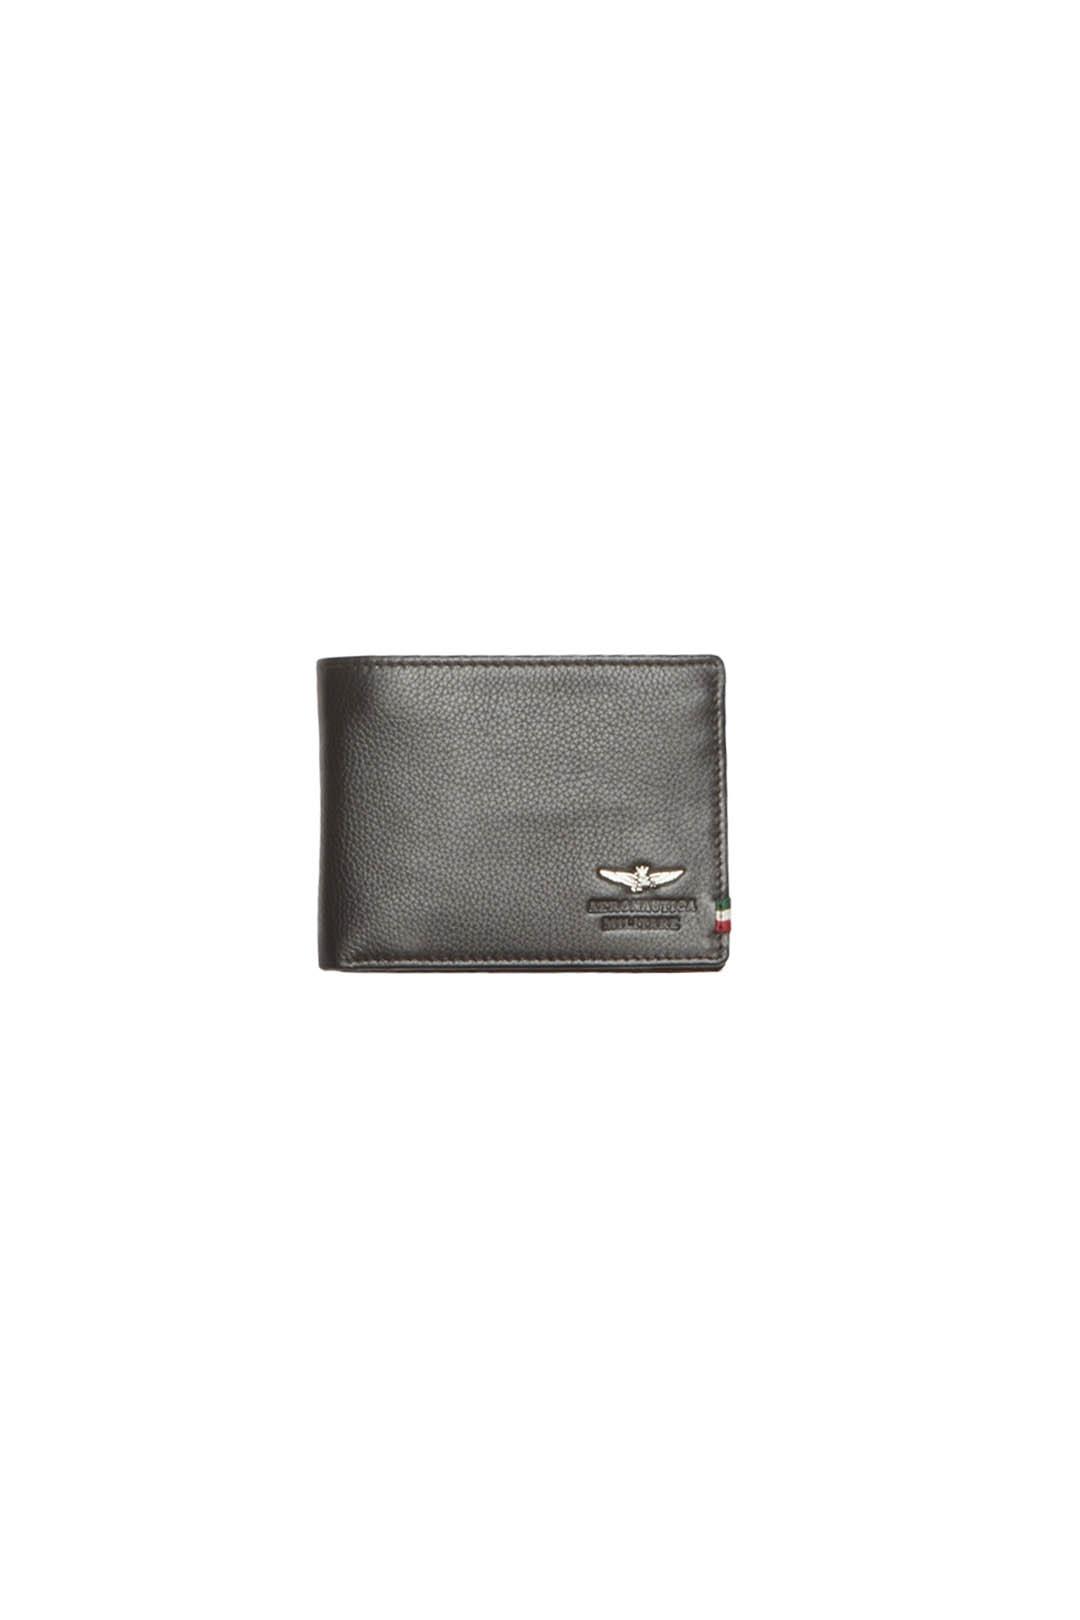 Leder Brieftasche mit Adler und Band     1